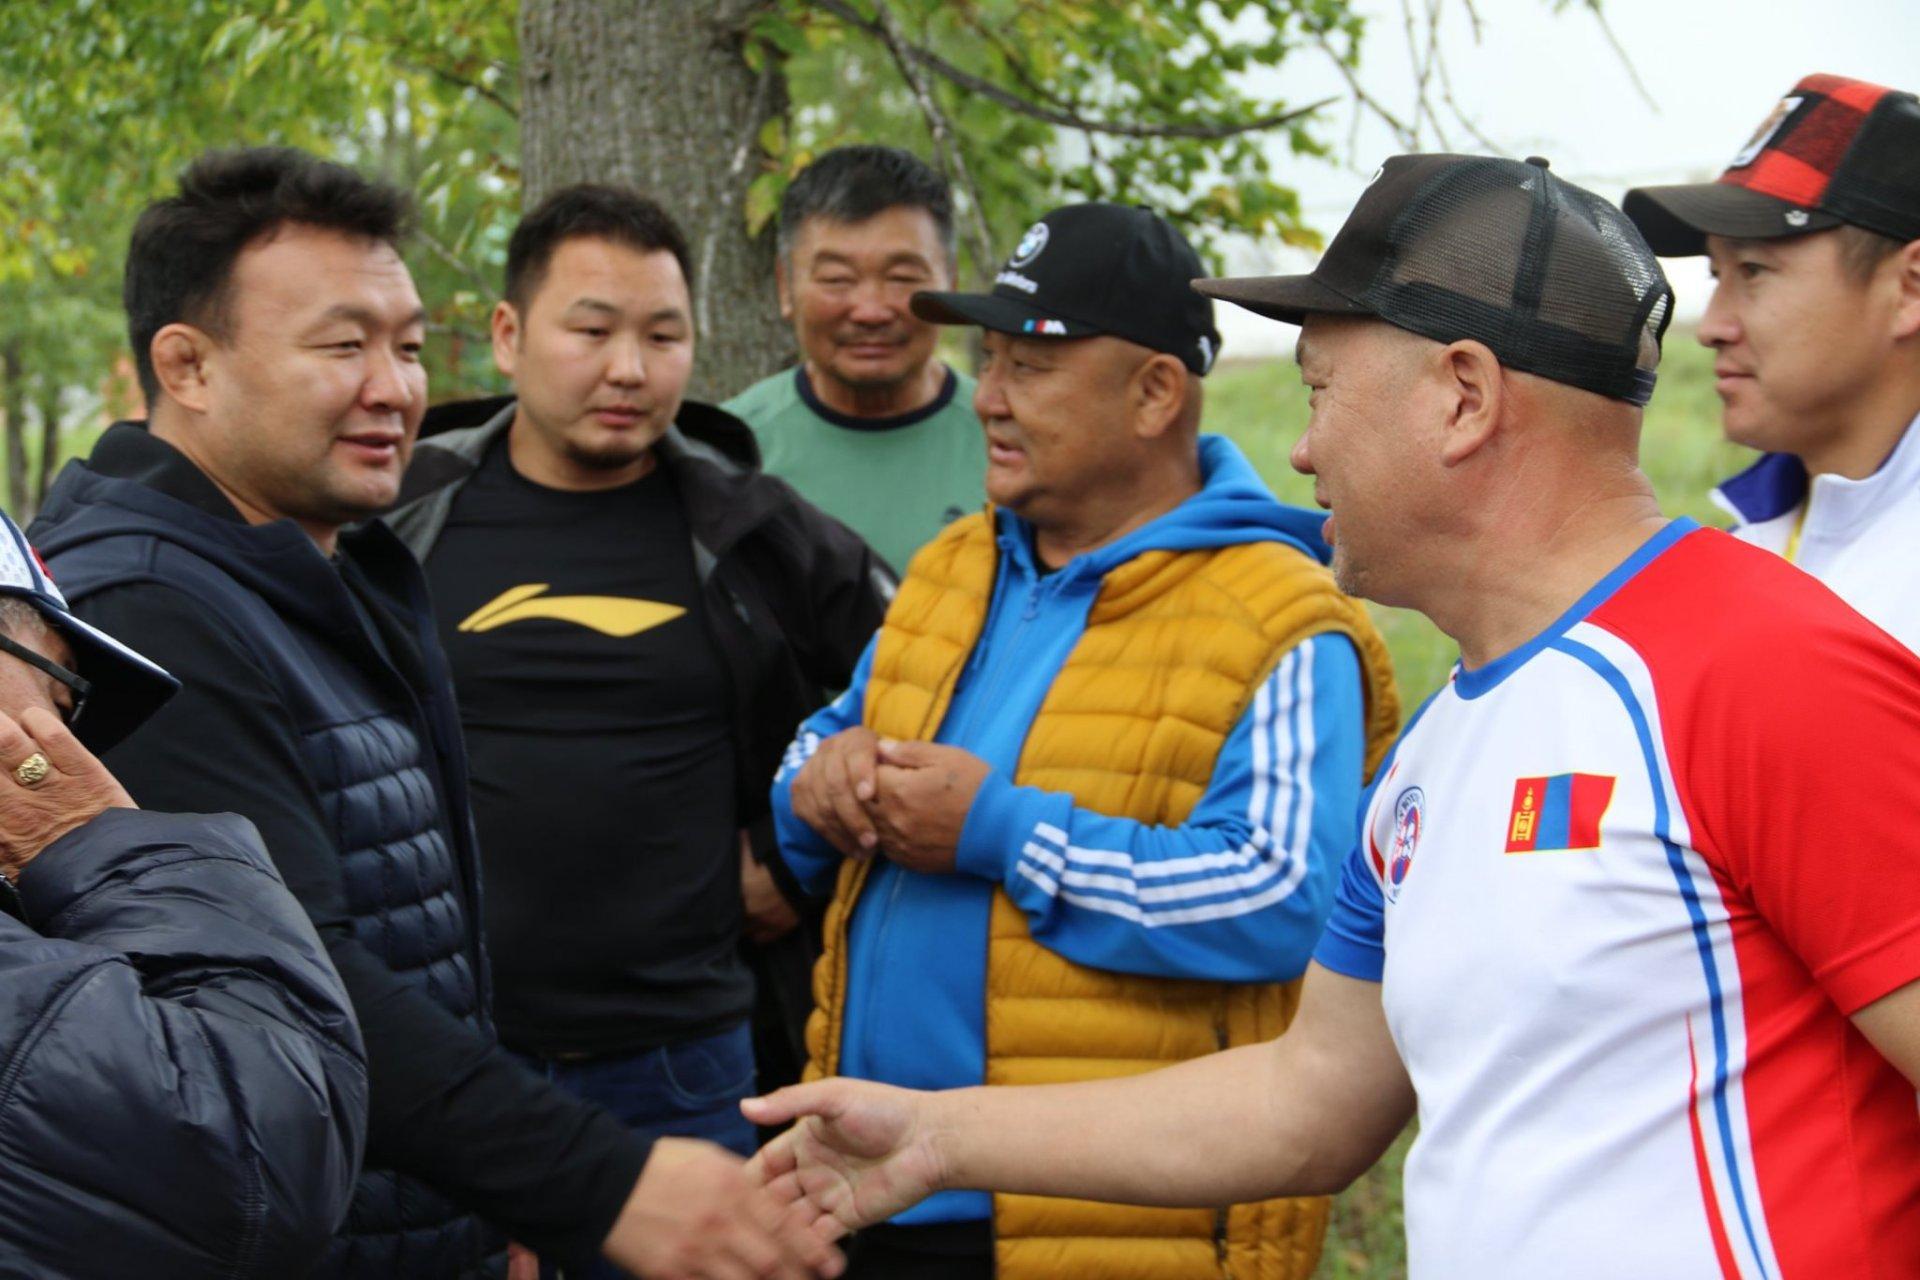 МҮОХ-ны Ерөнхийлөгч Н.Түвшинбаяр боксын шигшээ багийн бэлтгэлтэй танилцлаа